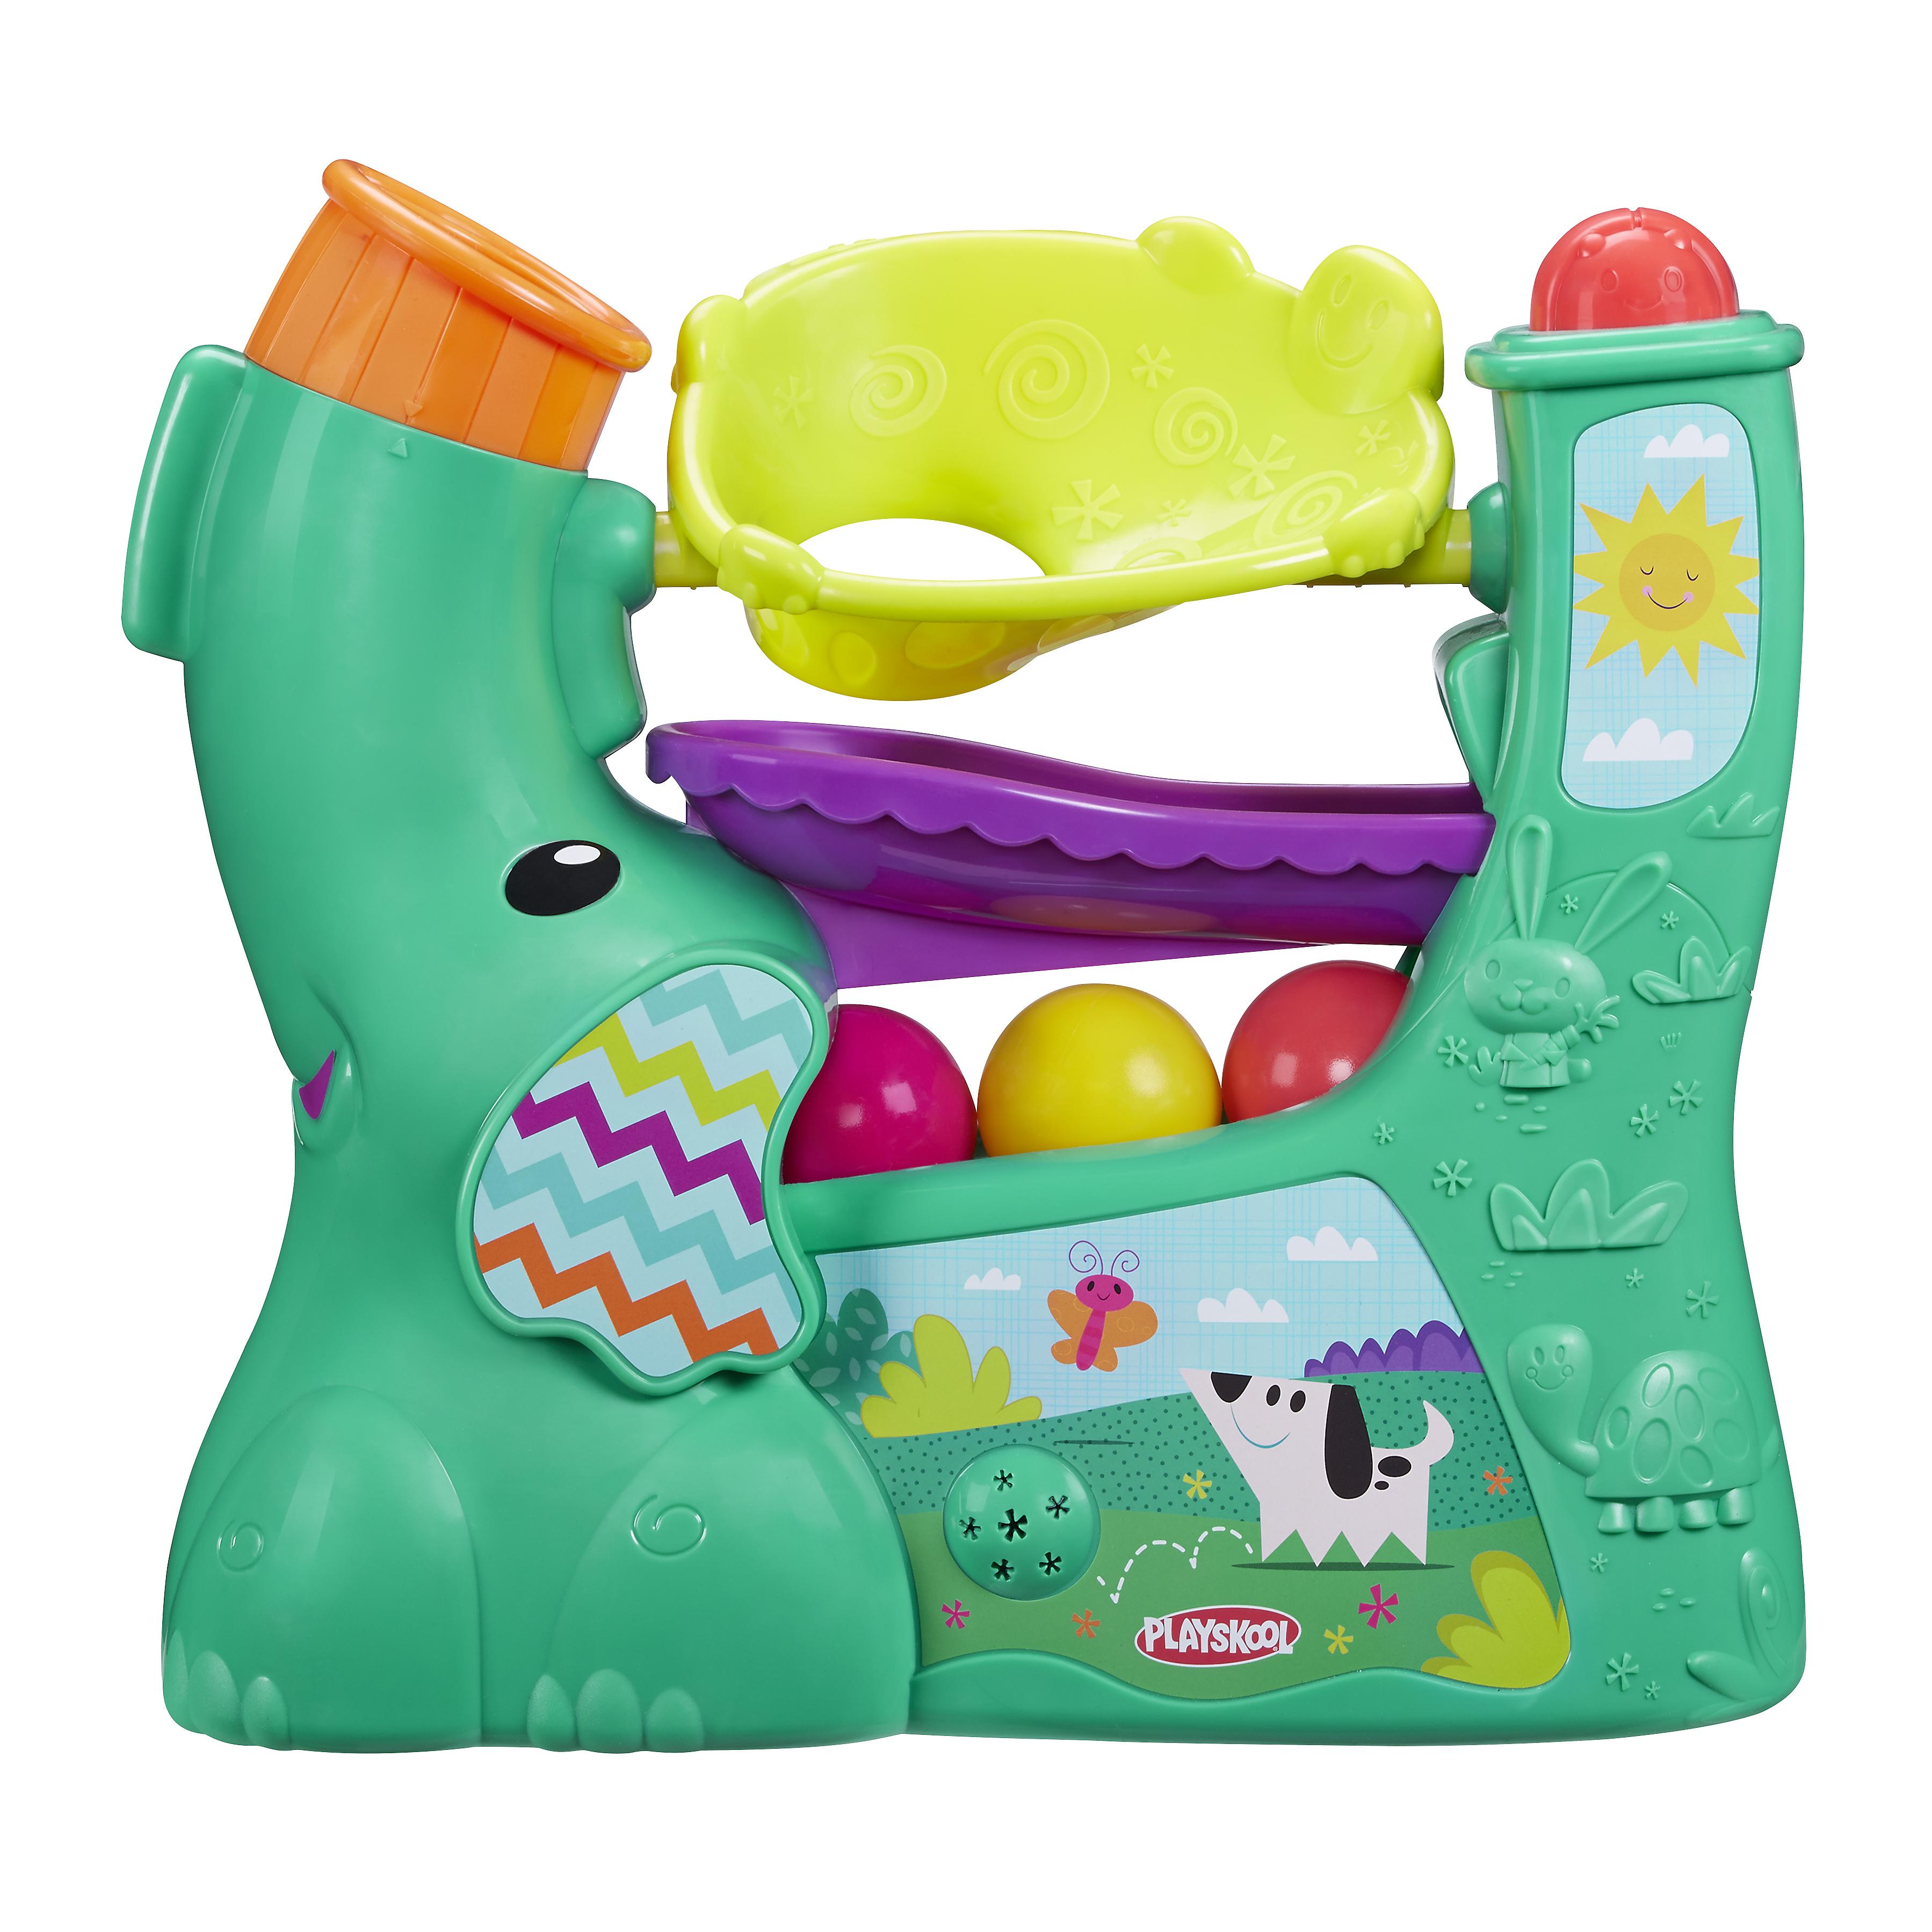 Купить Весёлый слоник, Интерактивная развивающая игрушка Playskool Новый веселый слоник, Развивающие игрушки